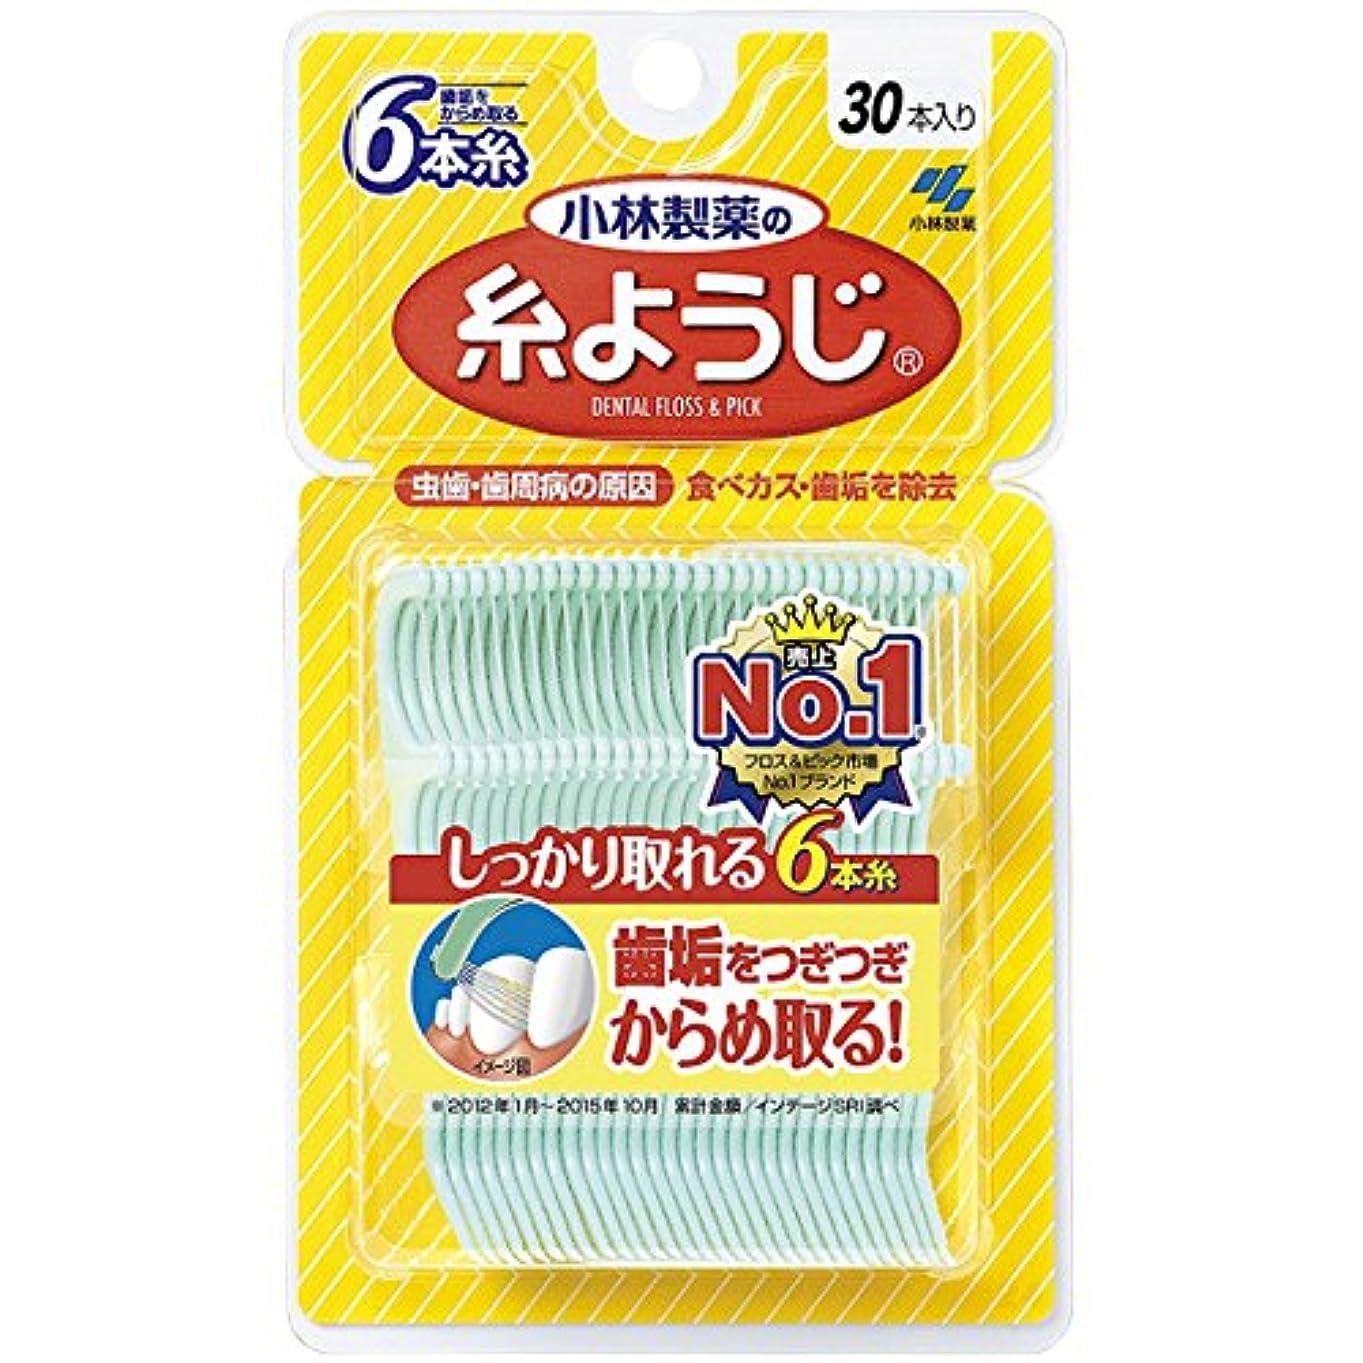 ケントみ広告小林製薬 糸ようじ 30本